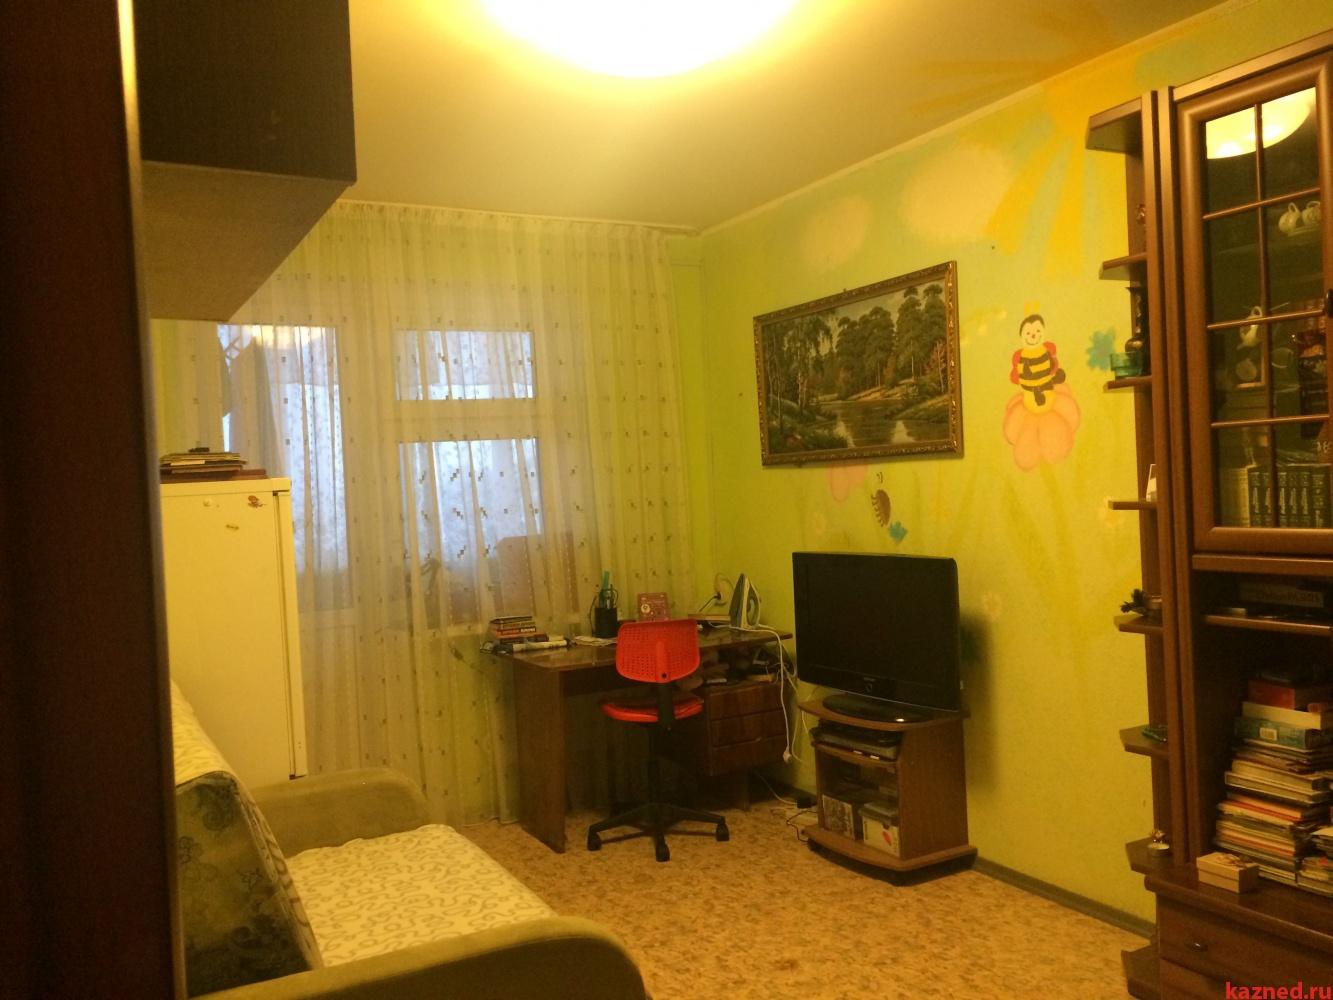 Продажа 1-к квартиры Проспект Победы 134, 54 м2  (миниатюра №7)